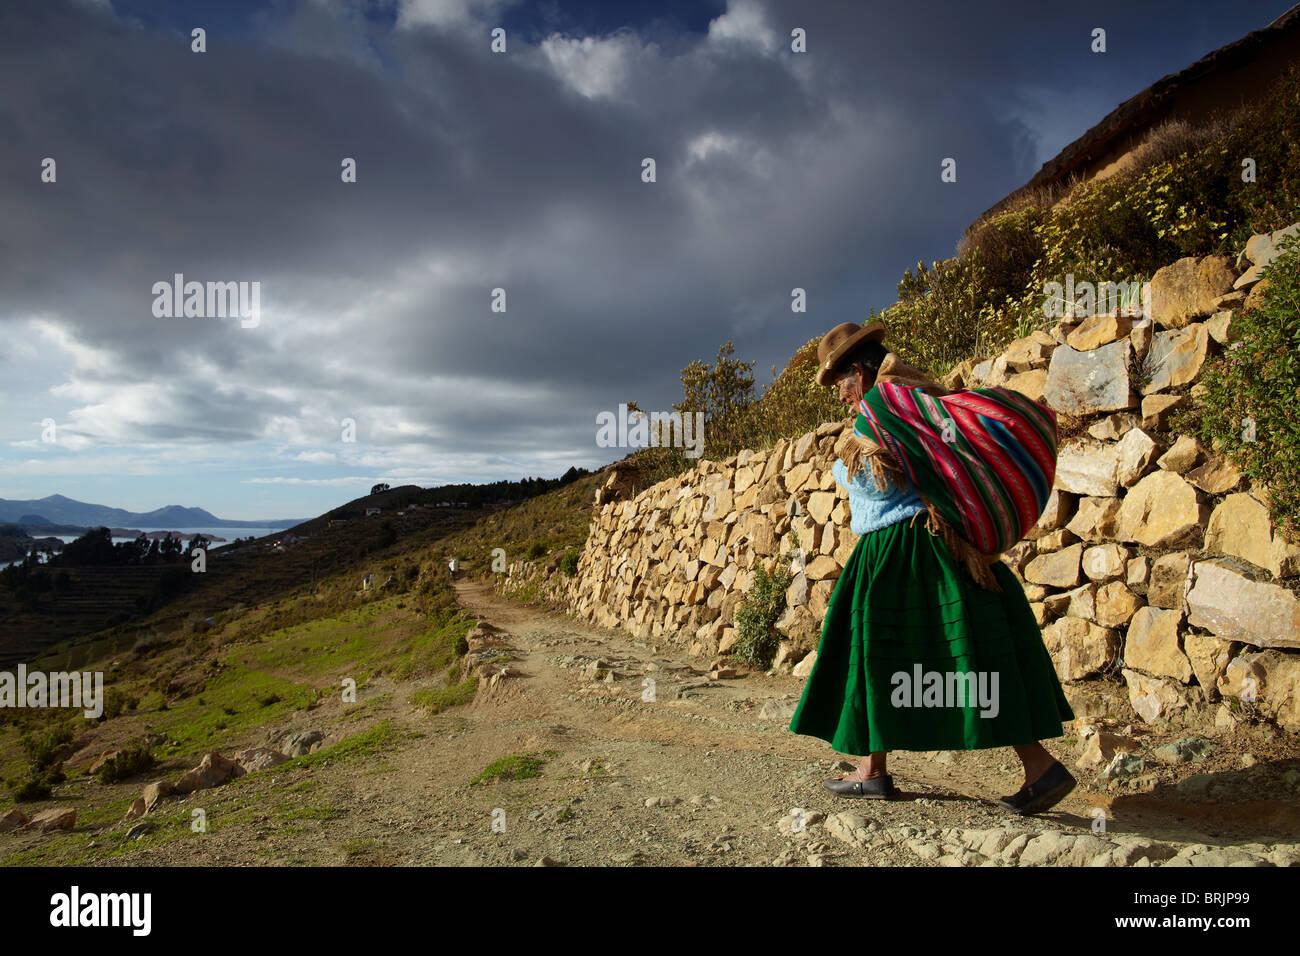 Una mujer con carga sobre su espalda, Isla del Sol, Lago Titicaca, Bolivia Foto de stock